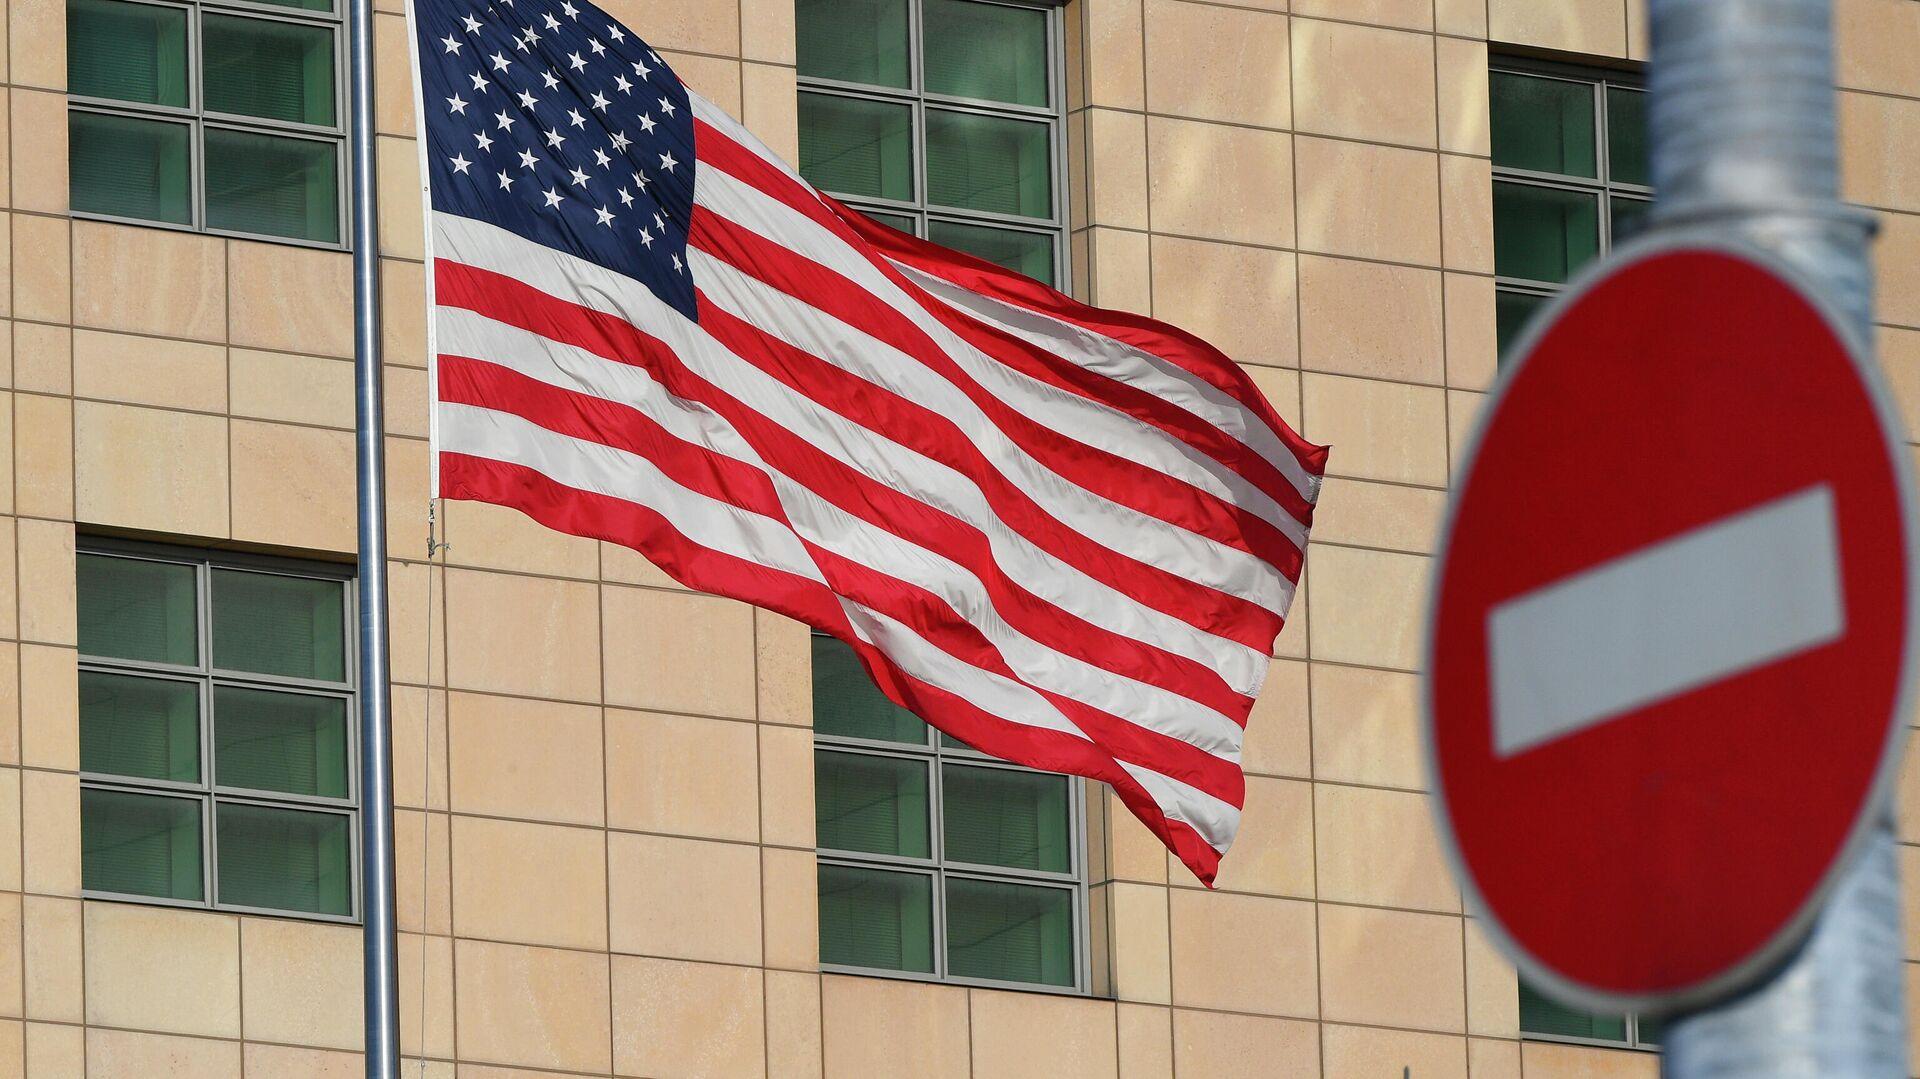 Государственный флаг США у здания американского посольства в Москве - РИА Новости, 1920, 13.10.2021